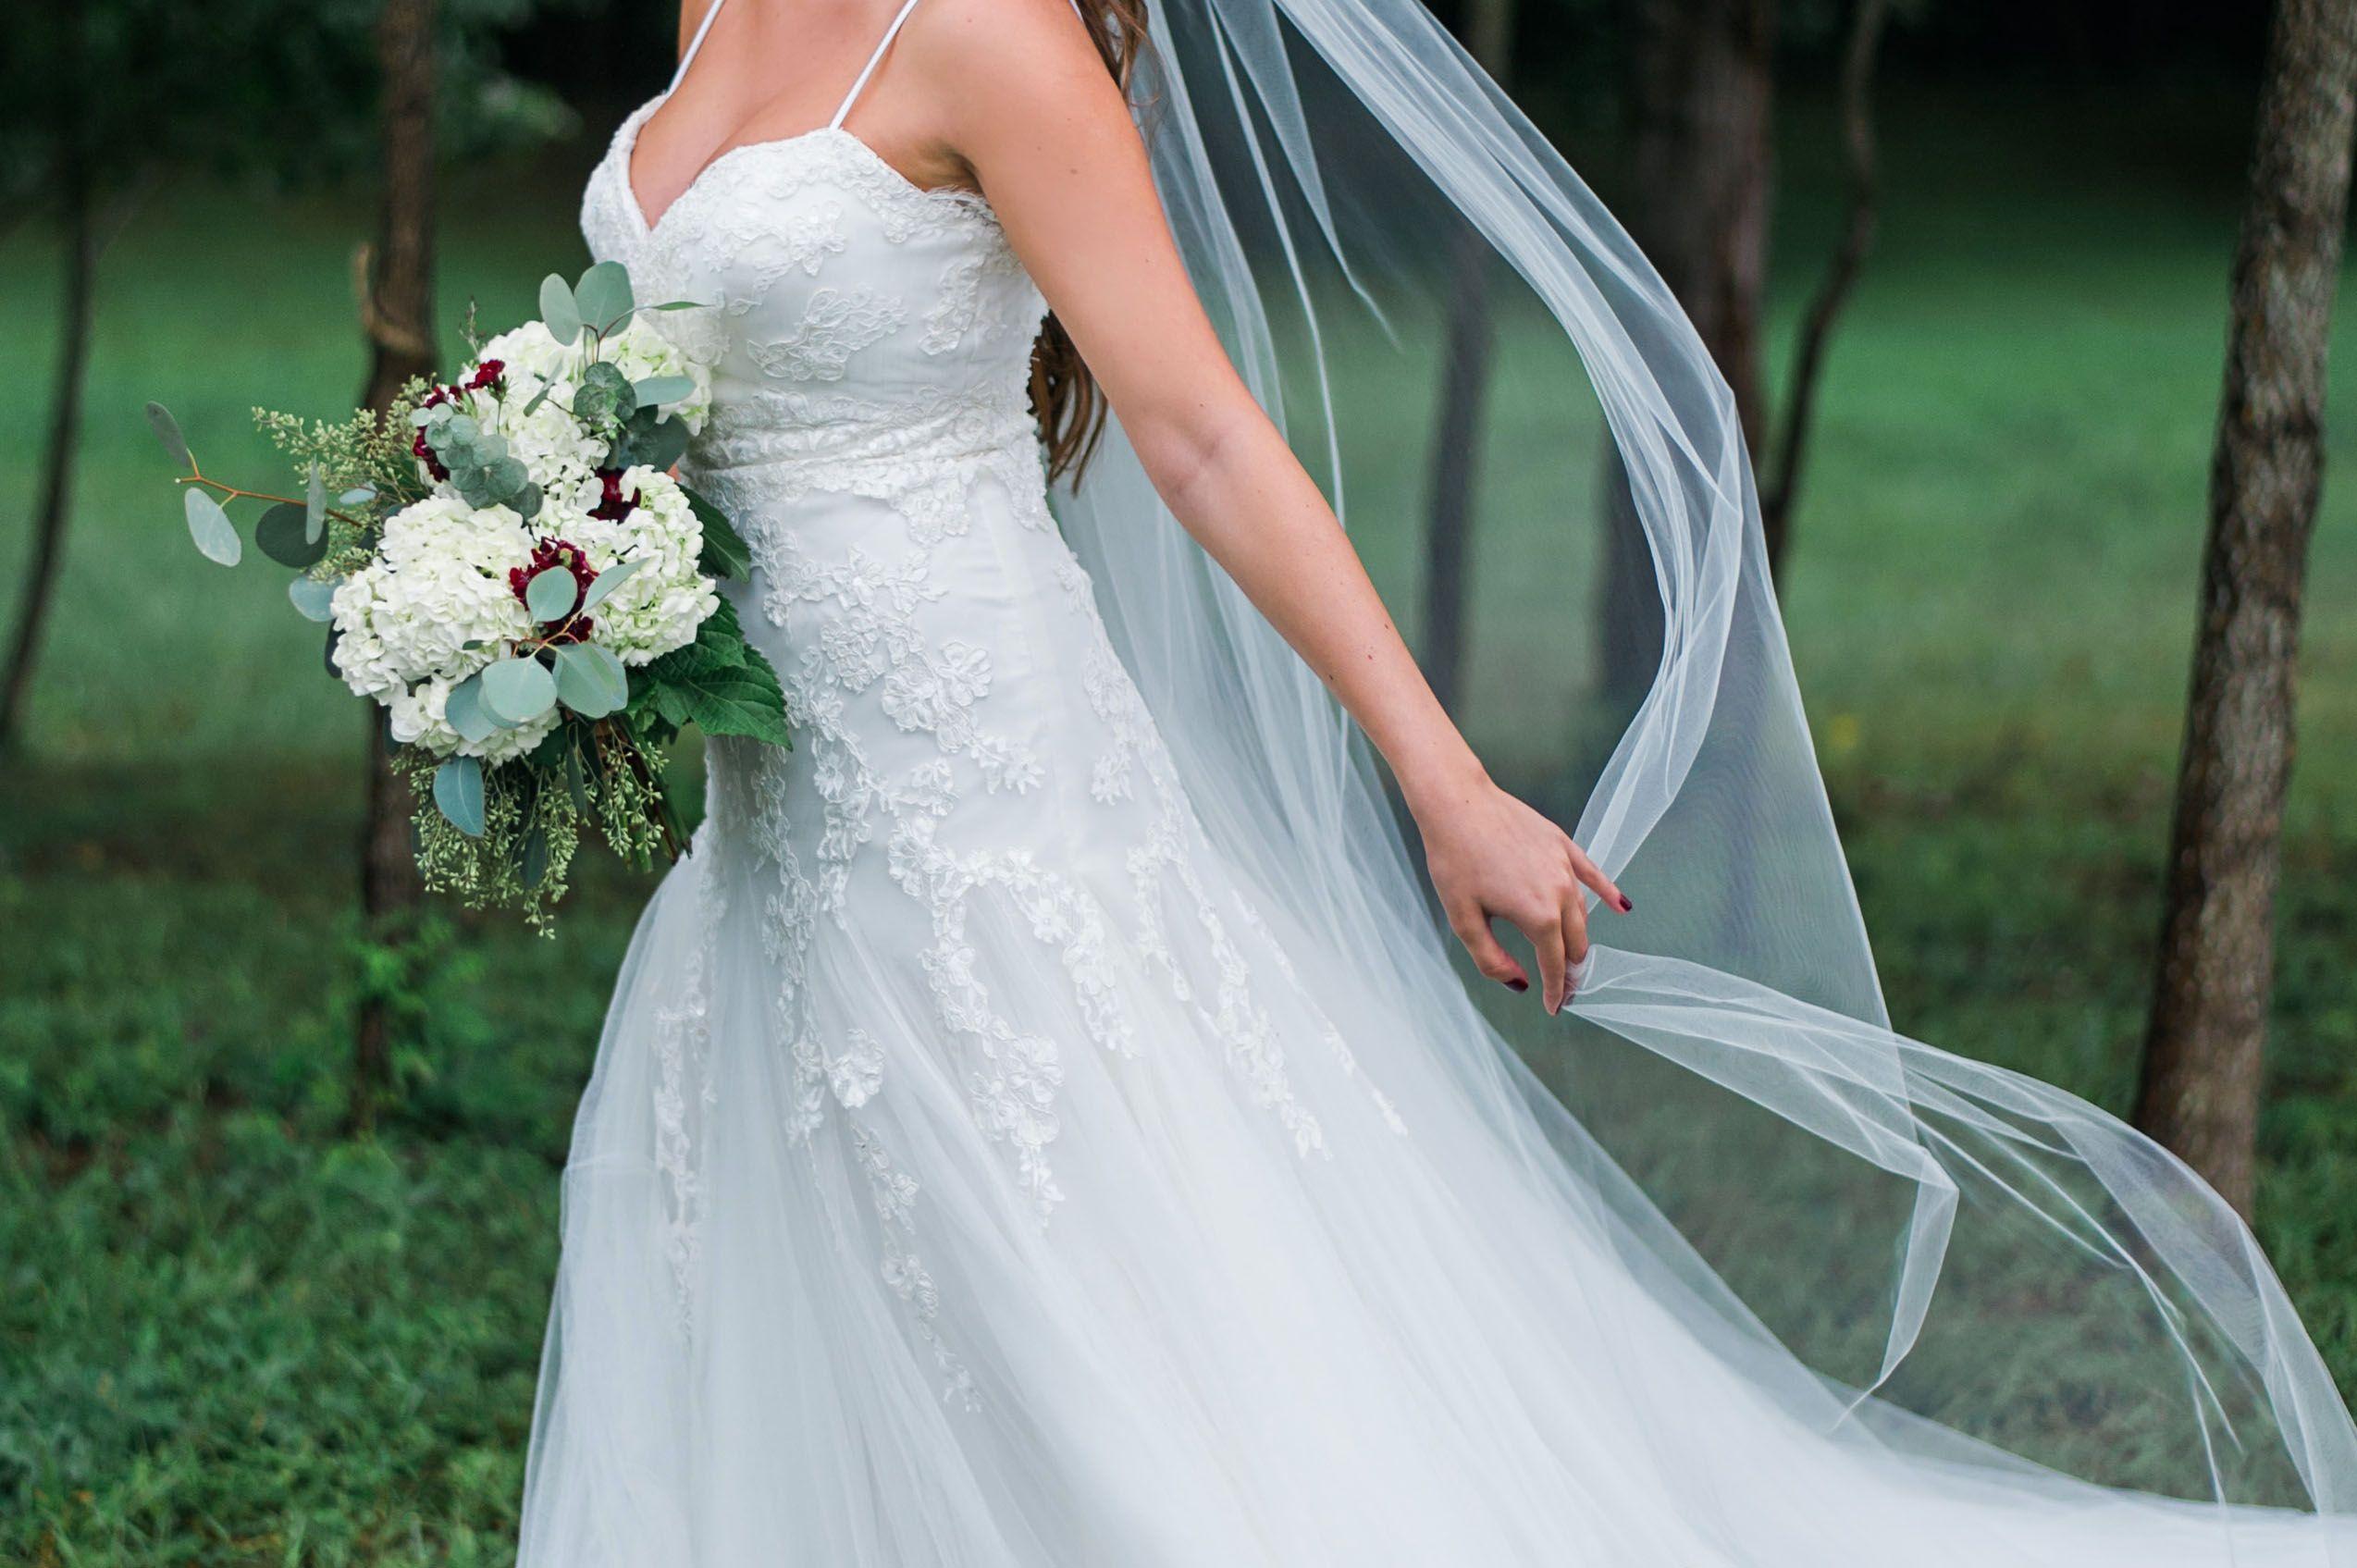 Wedding dress and veil detail shot | Details | Pinterest | Veil ...